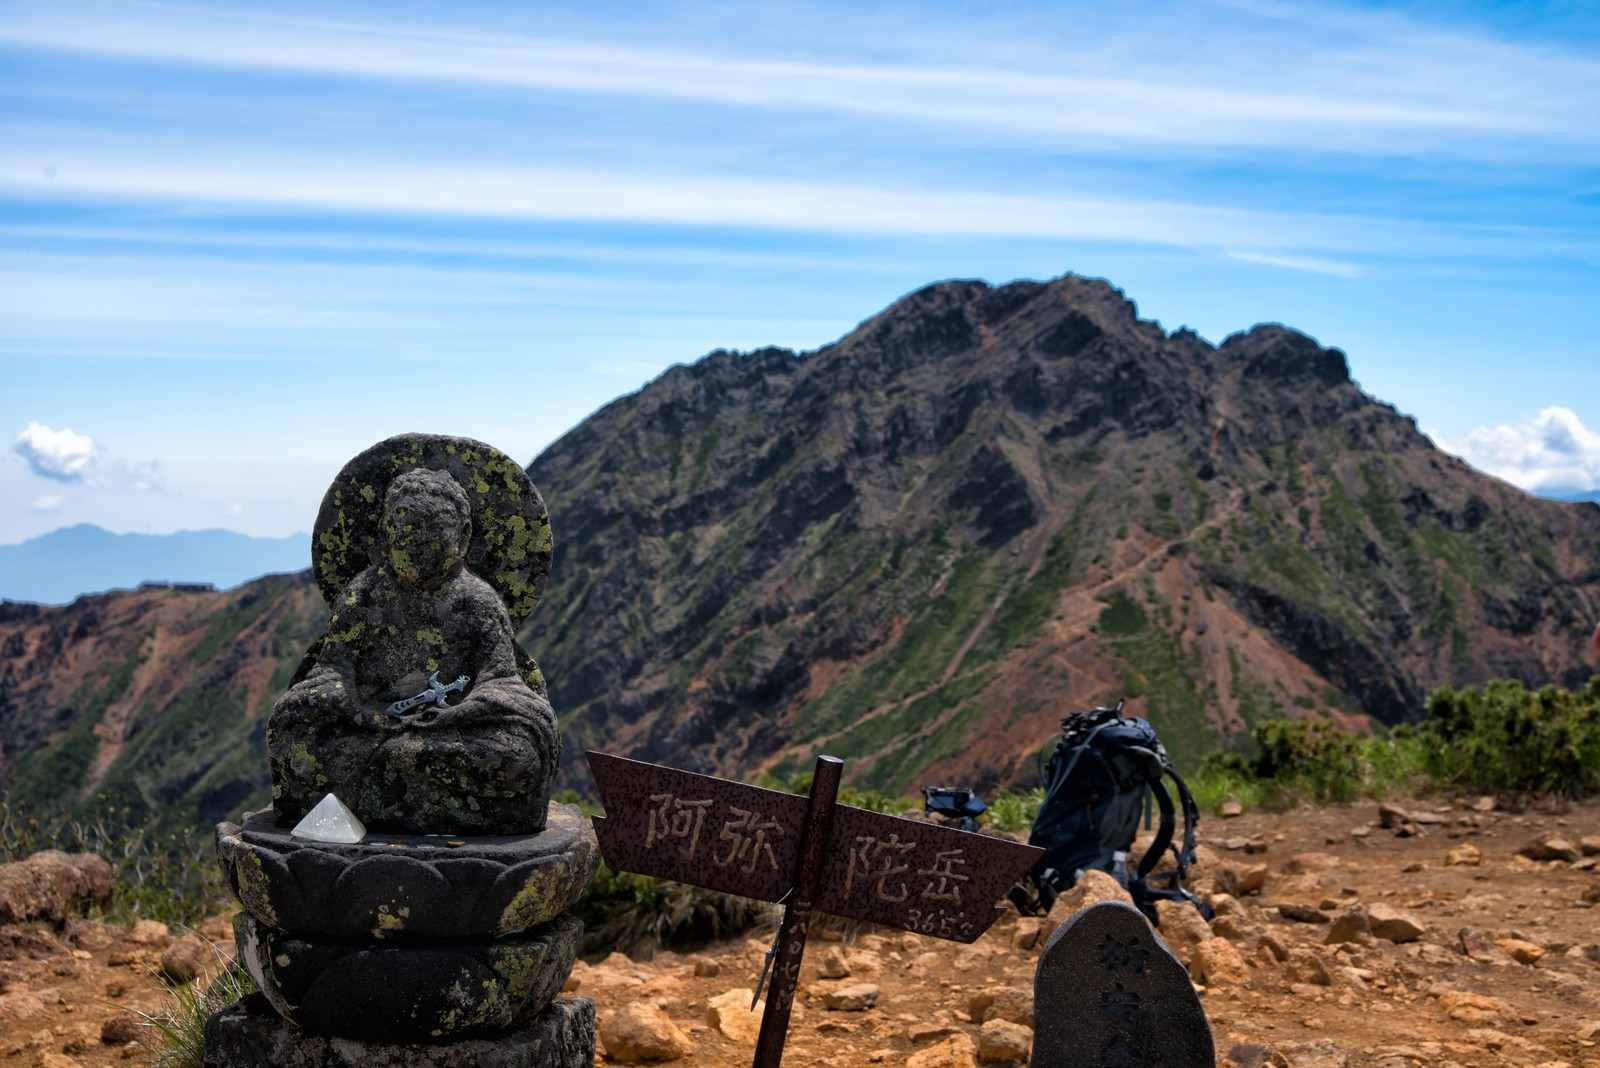 「阿弥陀岳山頂にある標識と石像」の写真